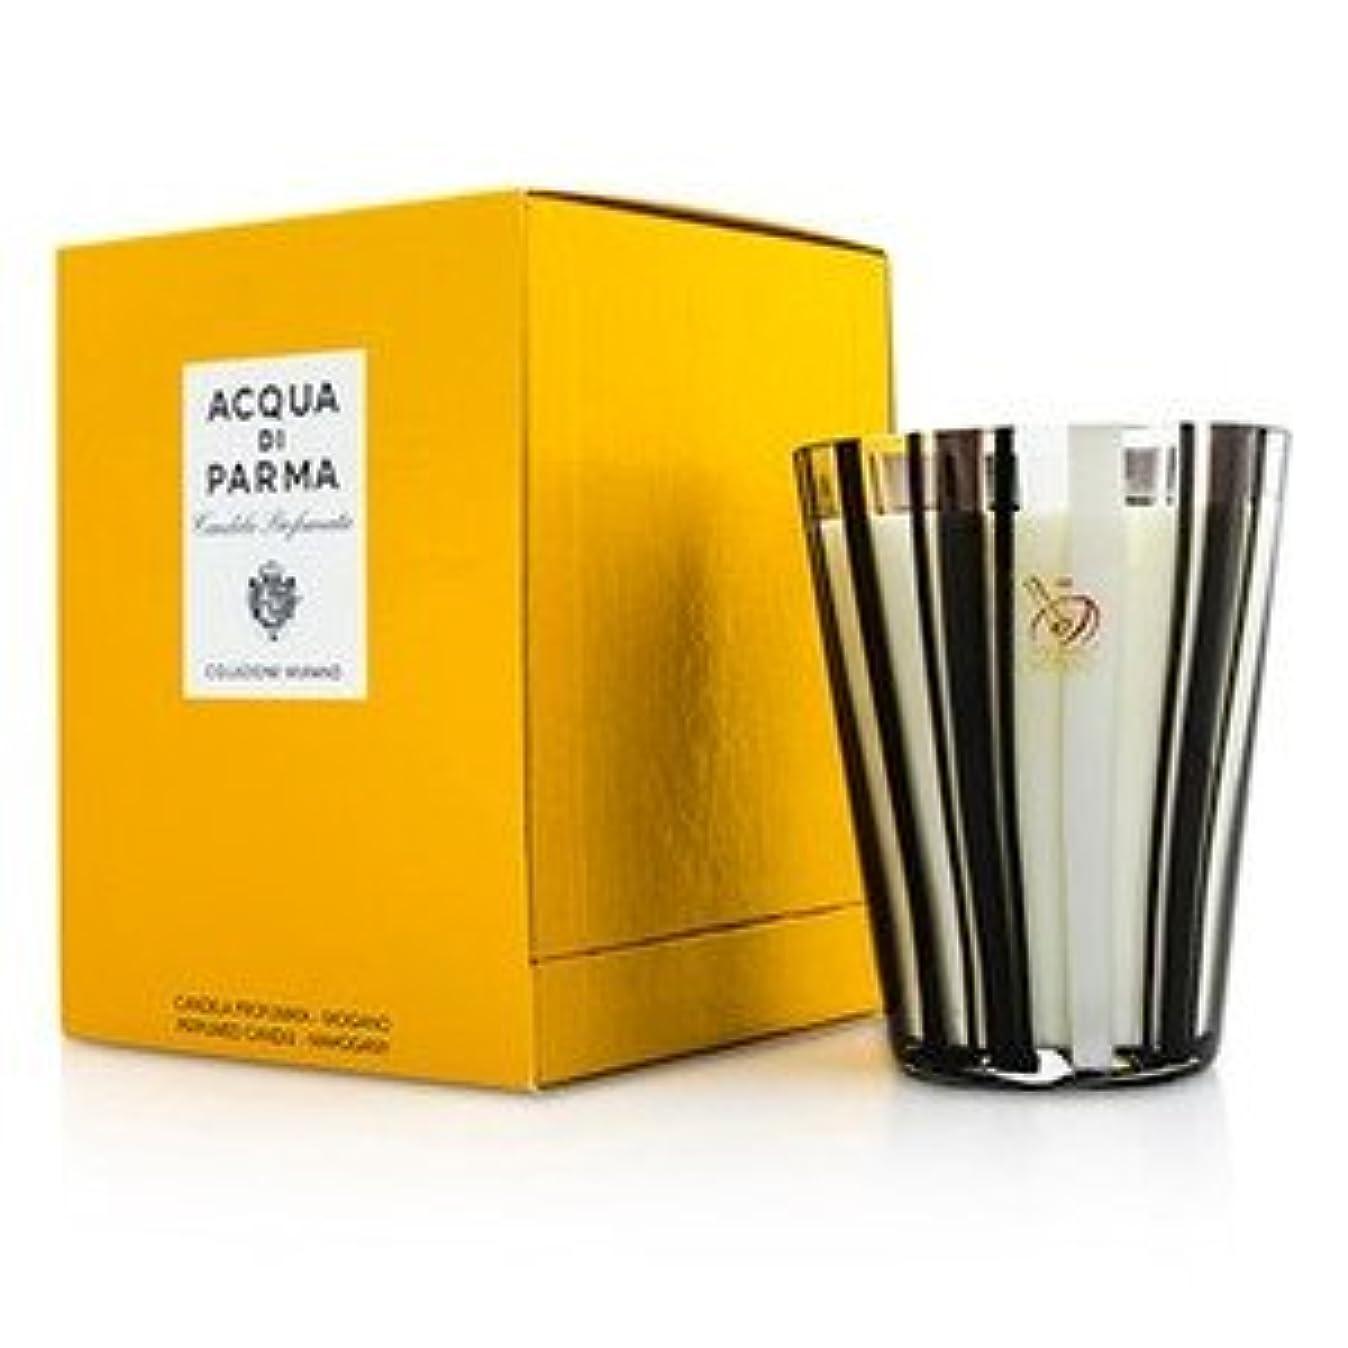 回復膨らみメイドアクア ディ パルマ[Acqua Di Parma] ムラノ グラス パフューム キャンドル - Mogano(Mahogany) 200g/7.05oz [並行輸入品]